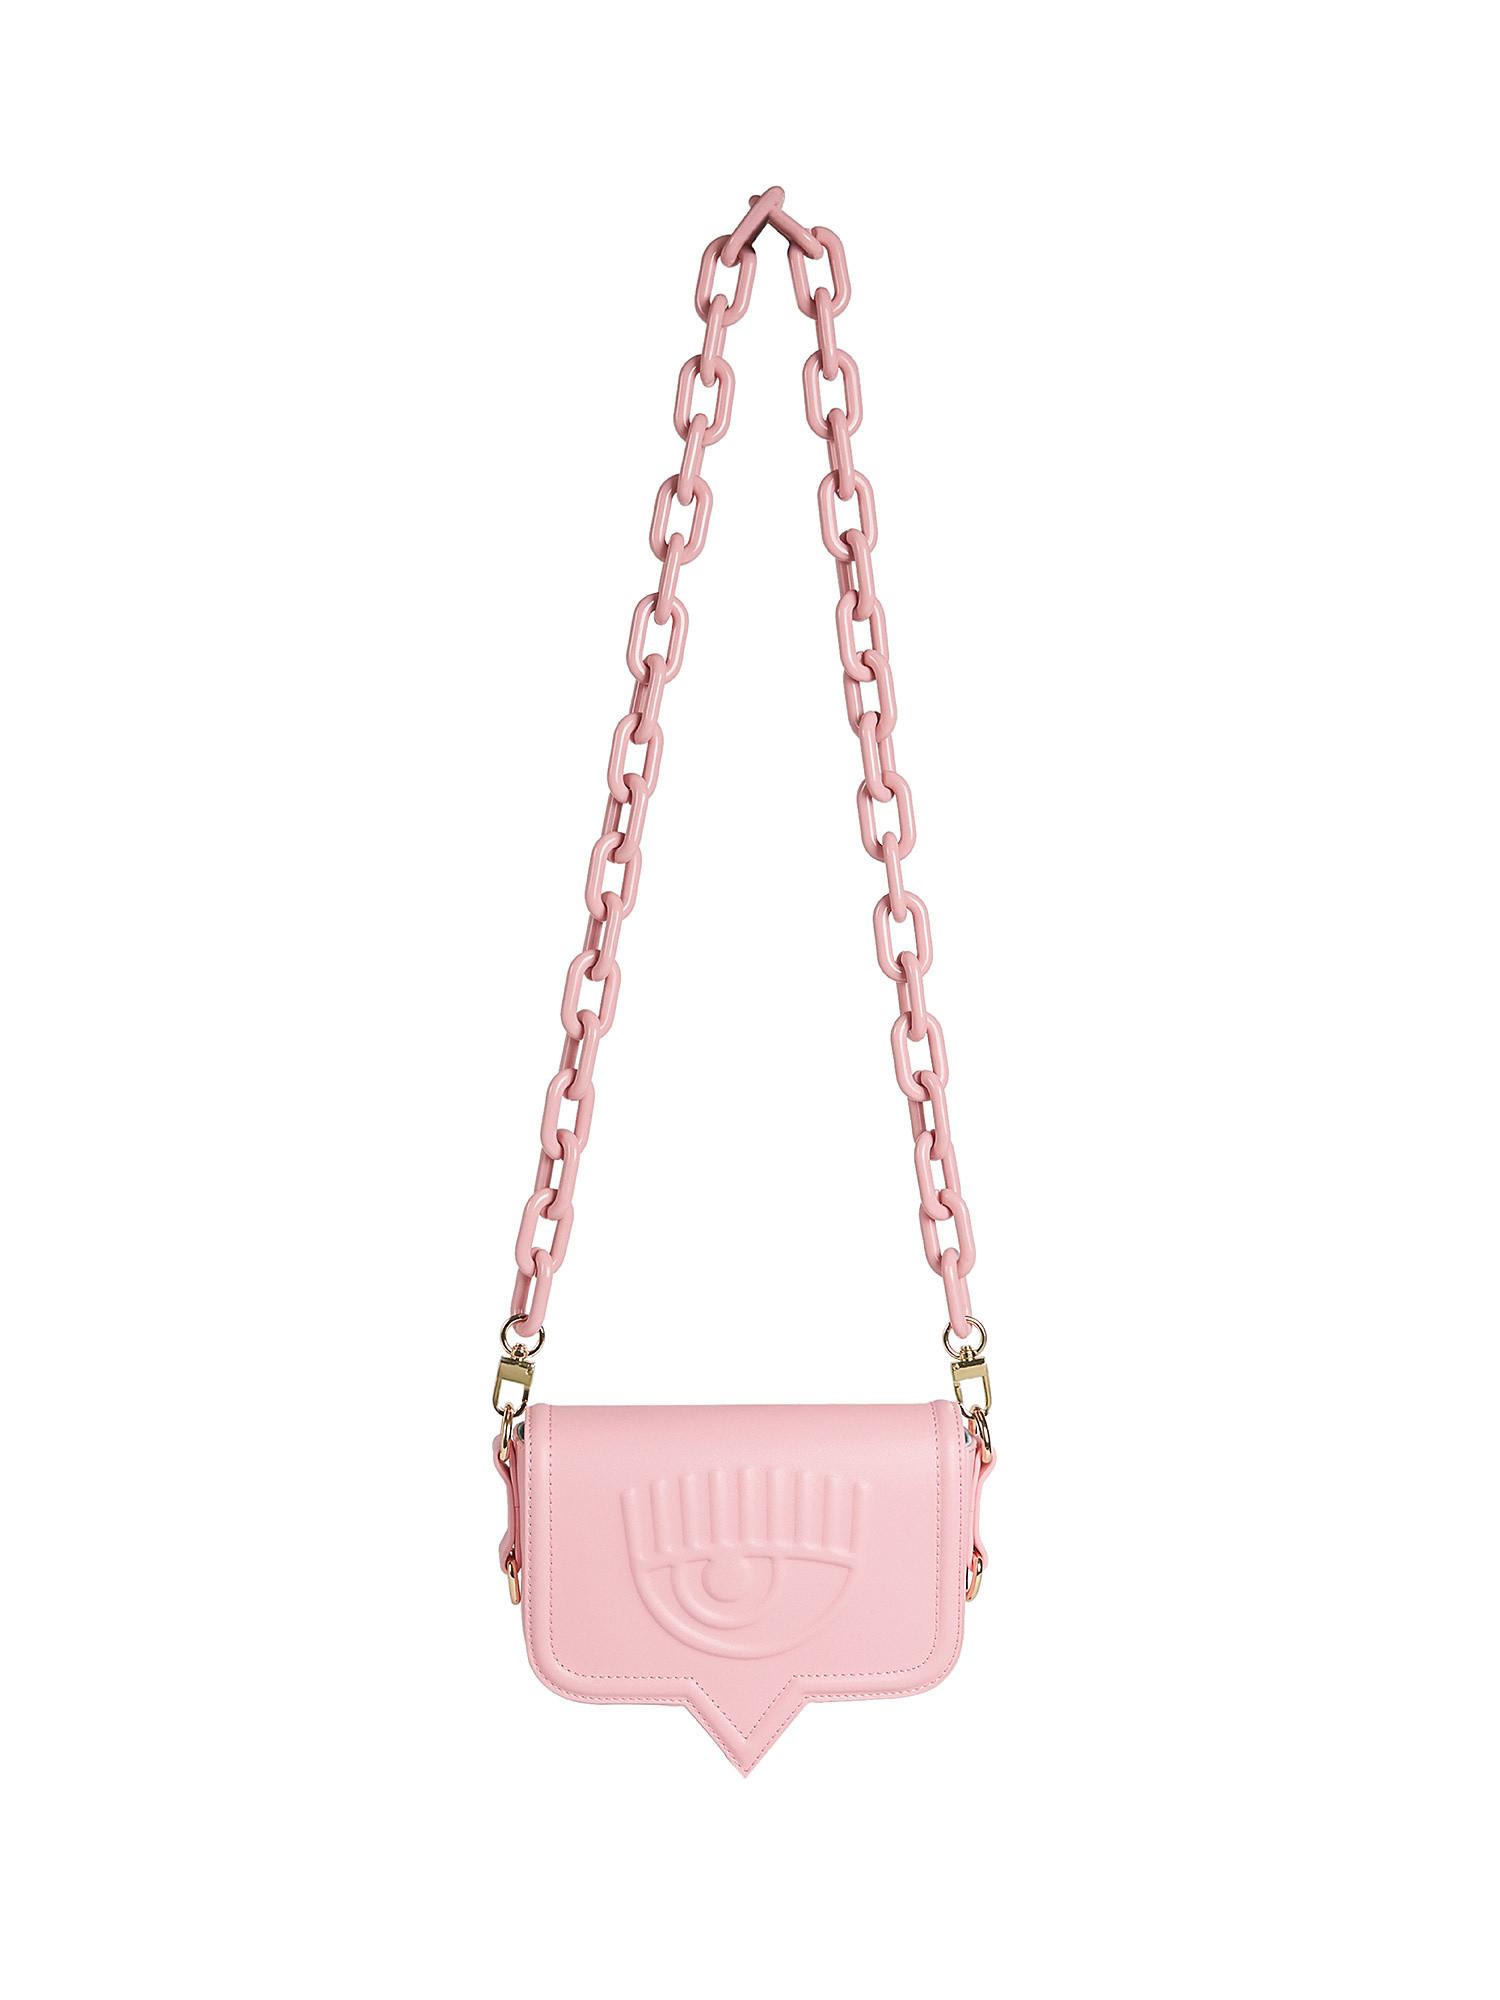 Small Eyelike Bag, Rosa, large image number 0